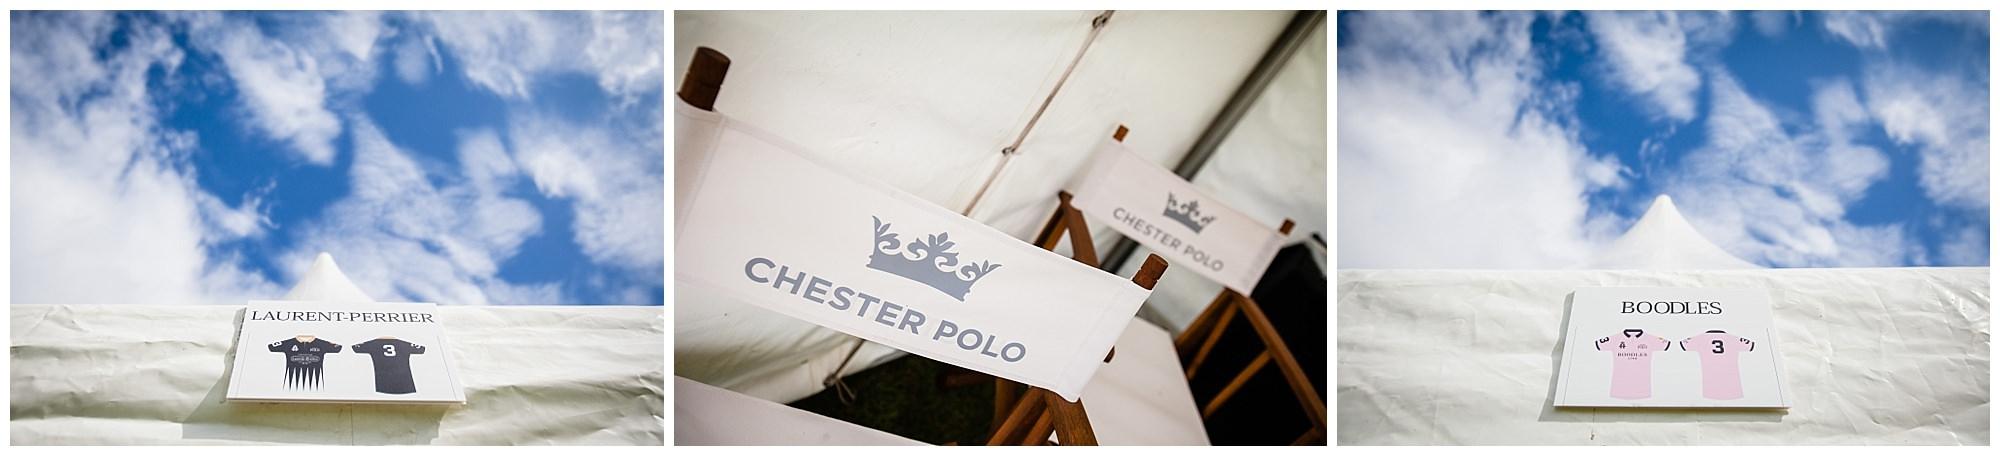 chester polo -chester race course photographer